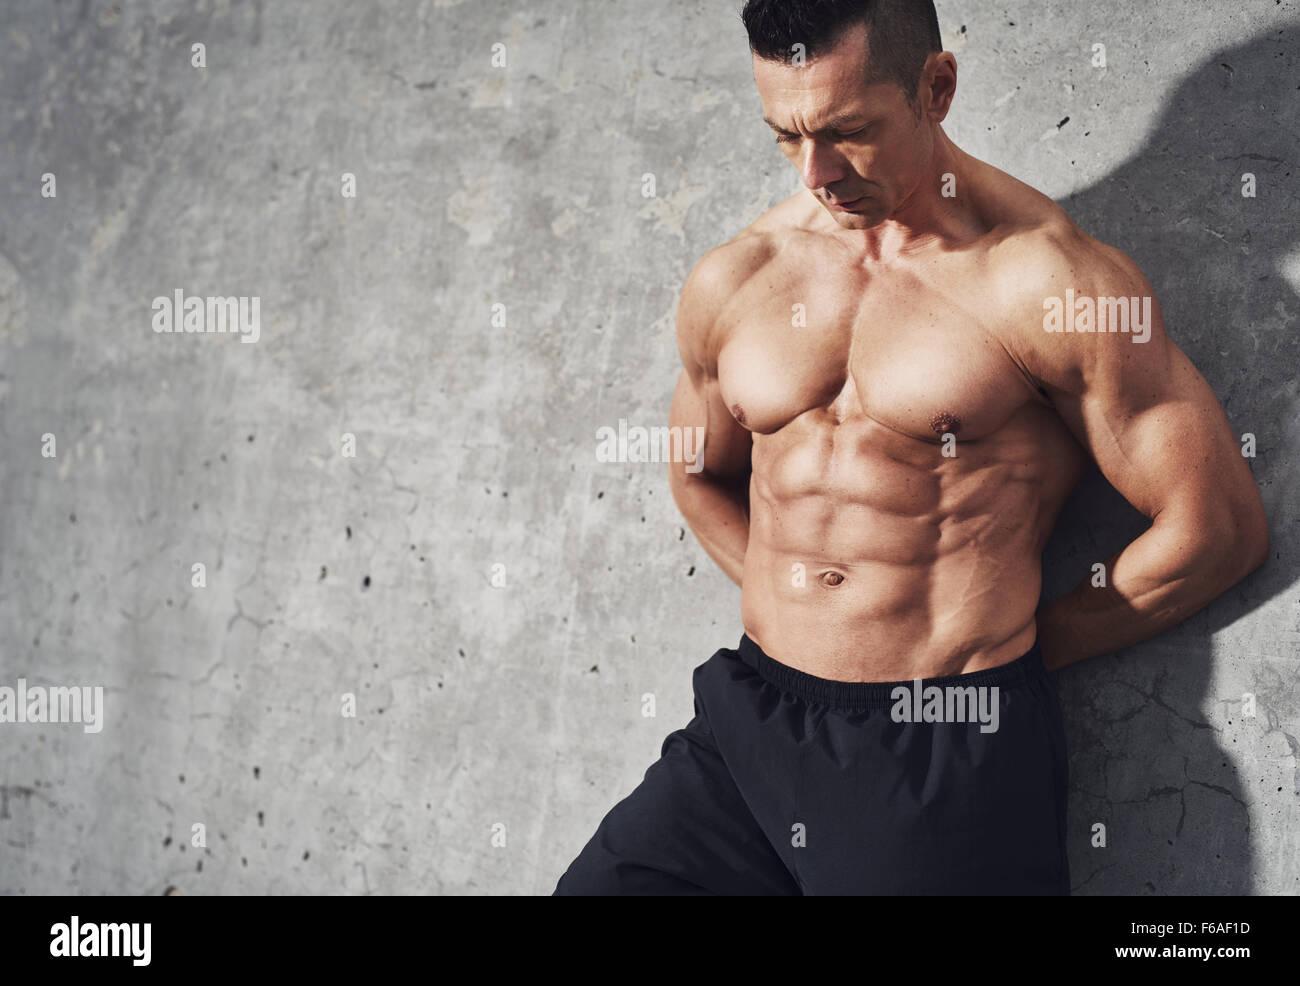 Chiudere l immagine del maschio in pantaloncini corti rilassante dopo allenamento su sfondo grigio. Muscolare del Immagini Stock